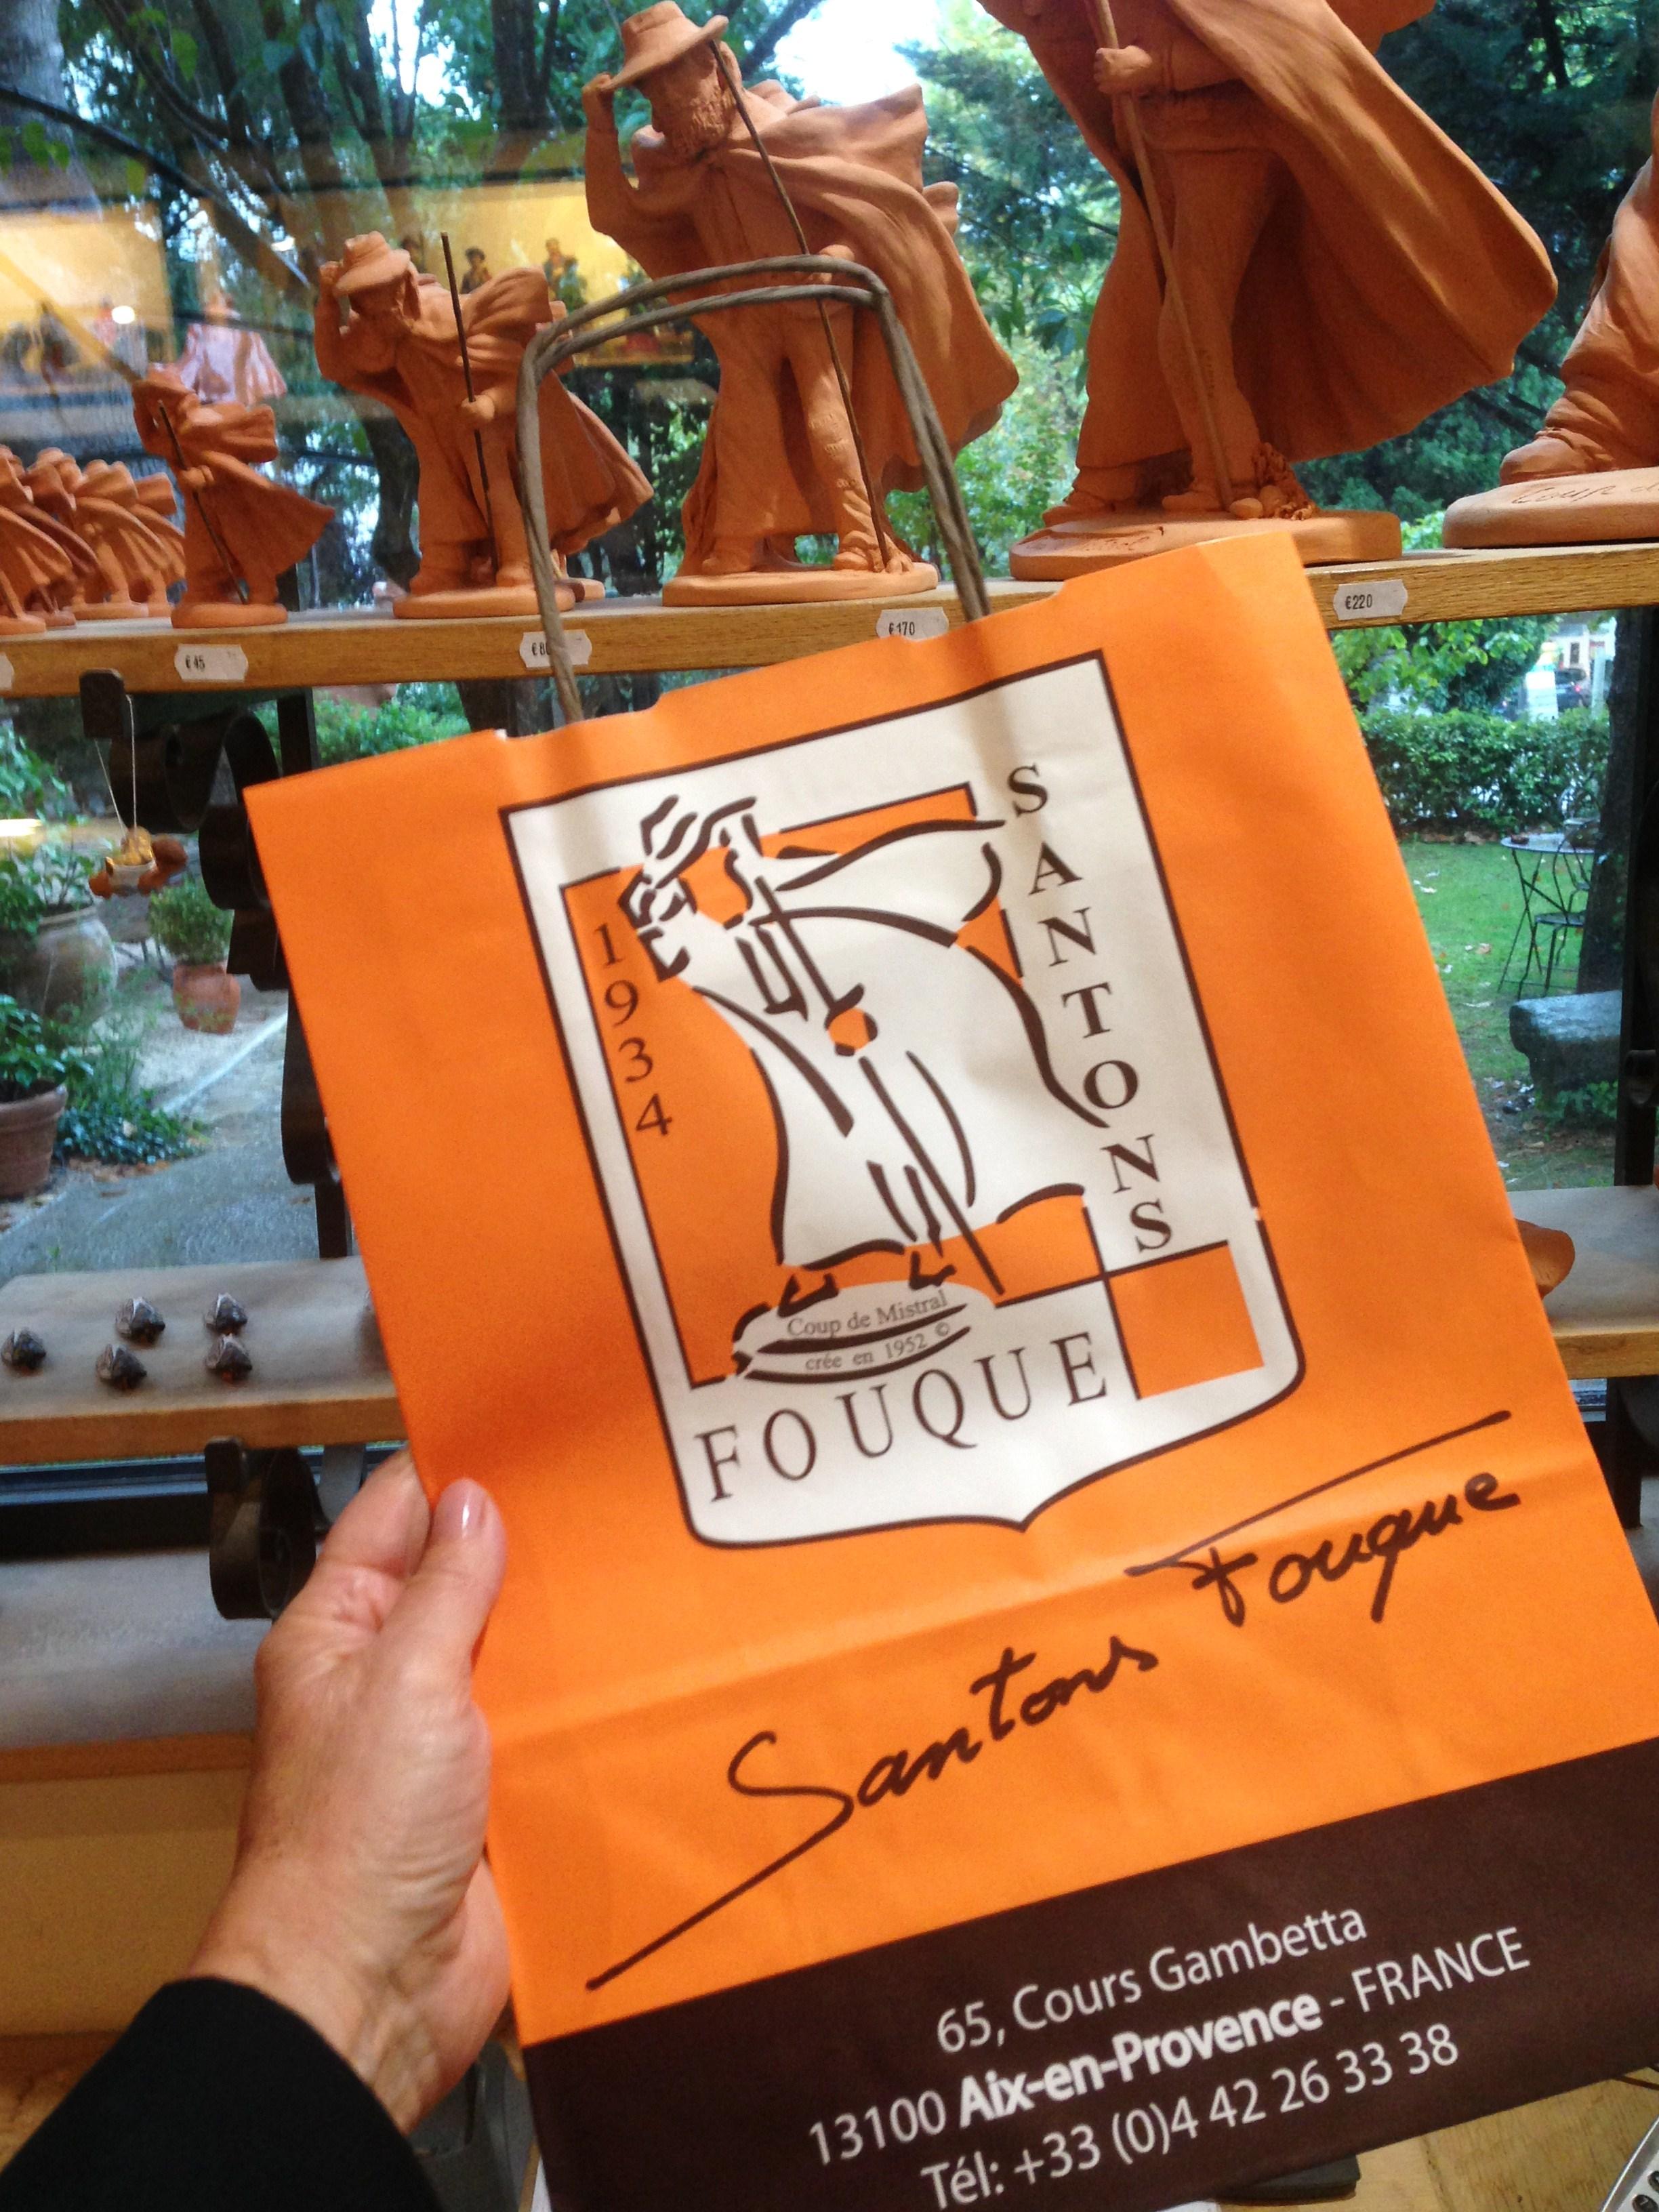 Santons Fouque Aix en Provence